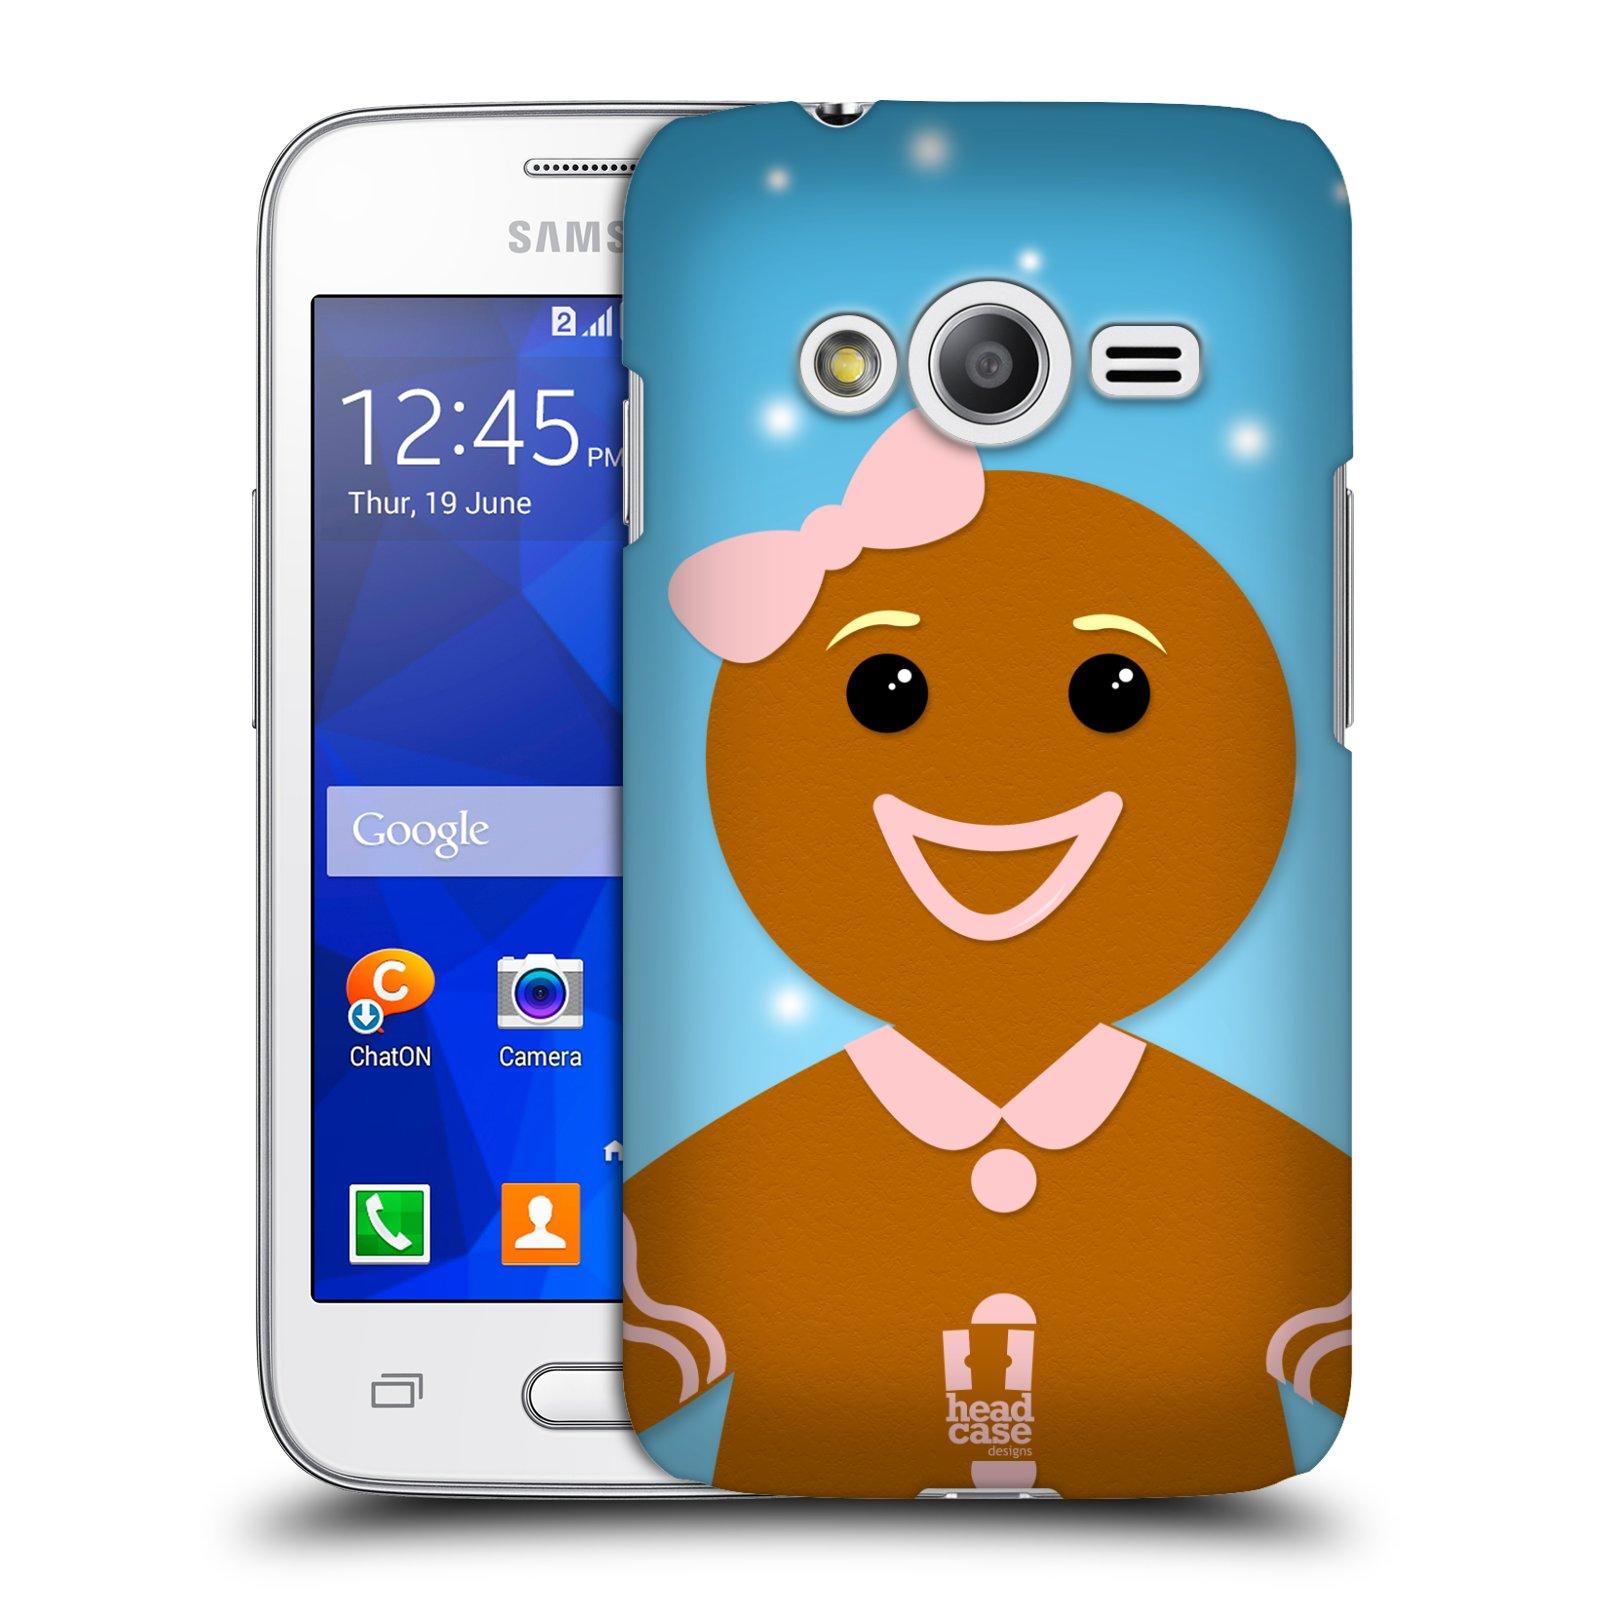 Plastové pouzdro na mobil Samsung Galaxy Trend 2 Lite HEAD CASE VÁNOCE PERNÍČEK (Kryt či obal na mobilní telefon Samsung Galaxy Trend 2 Lite SM-G318)